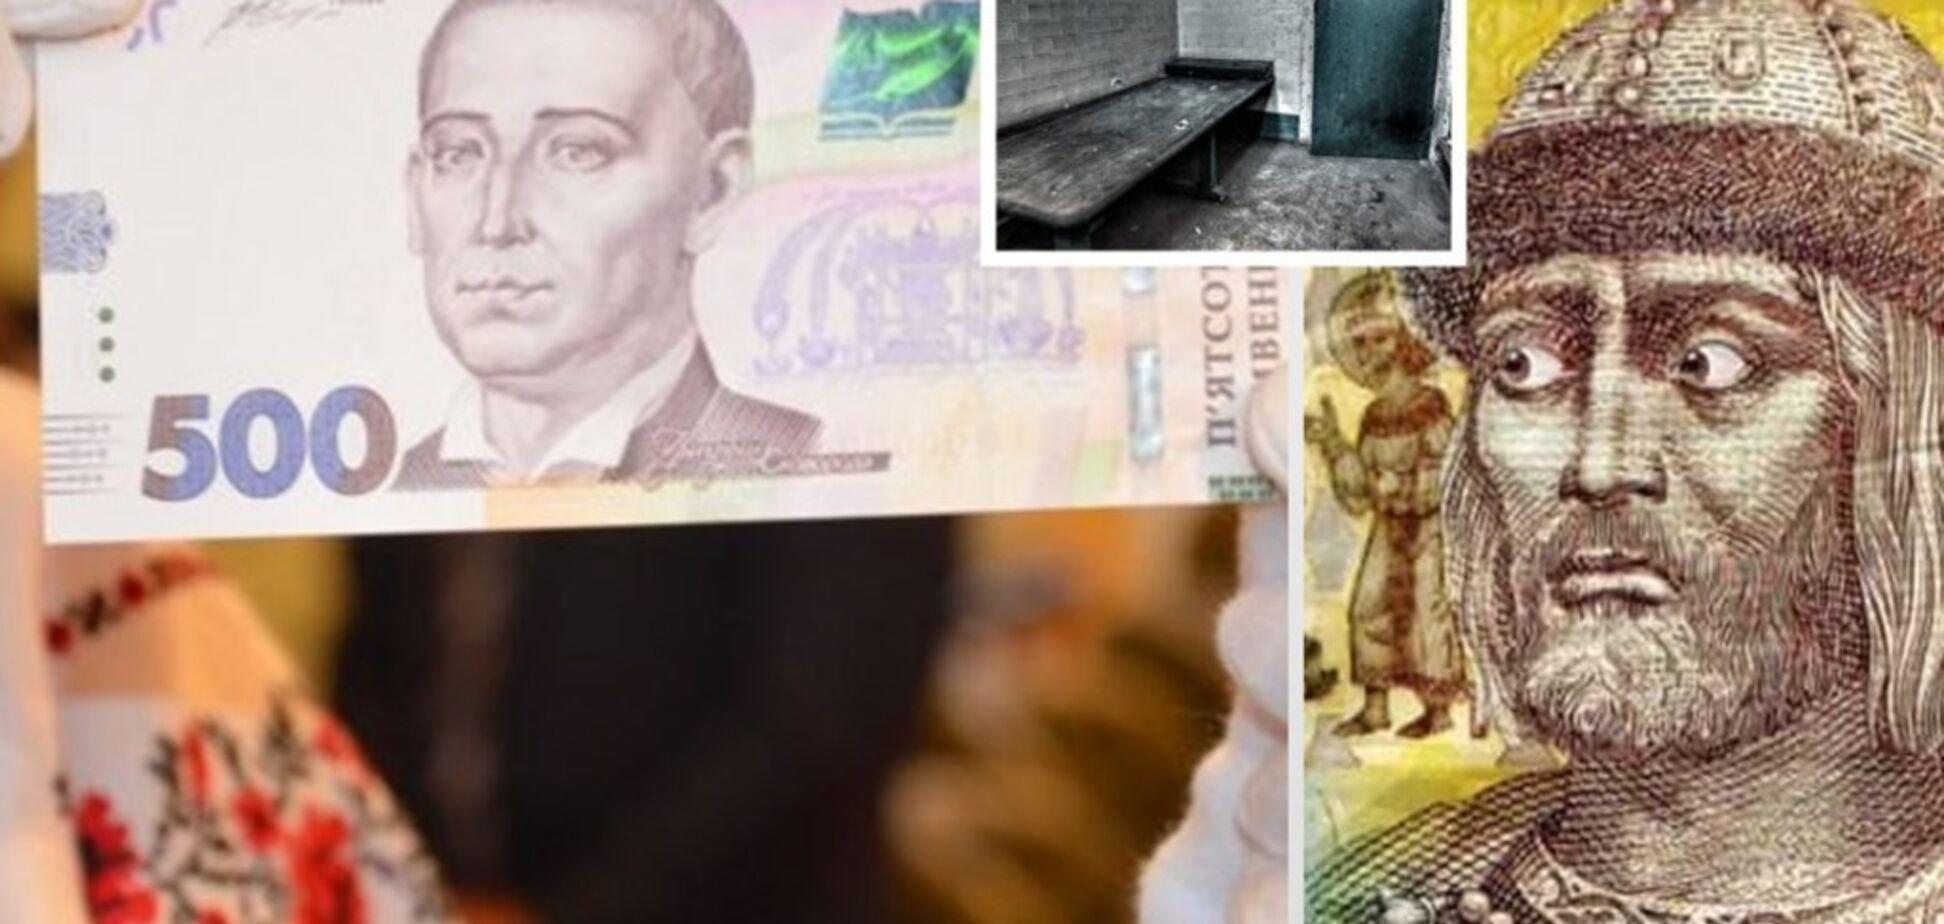 Мільйони фальшивок в Україні: підробки збувають у магазинах і терміналах